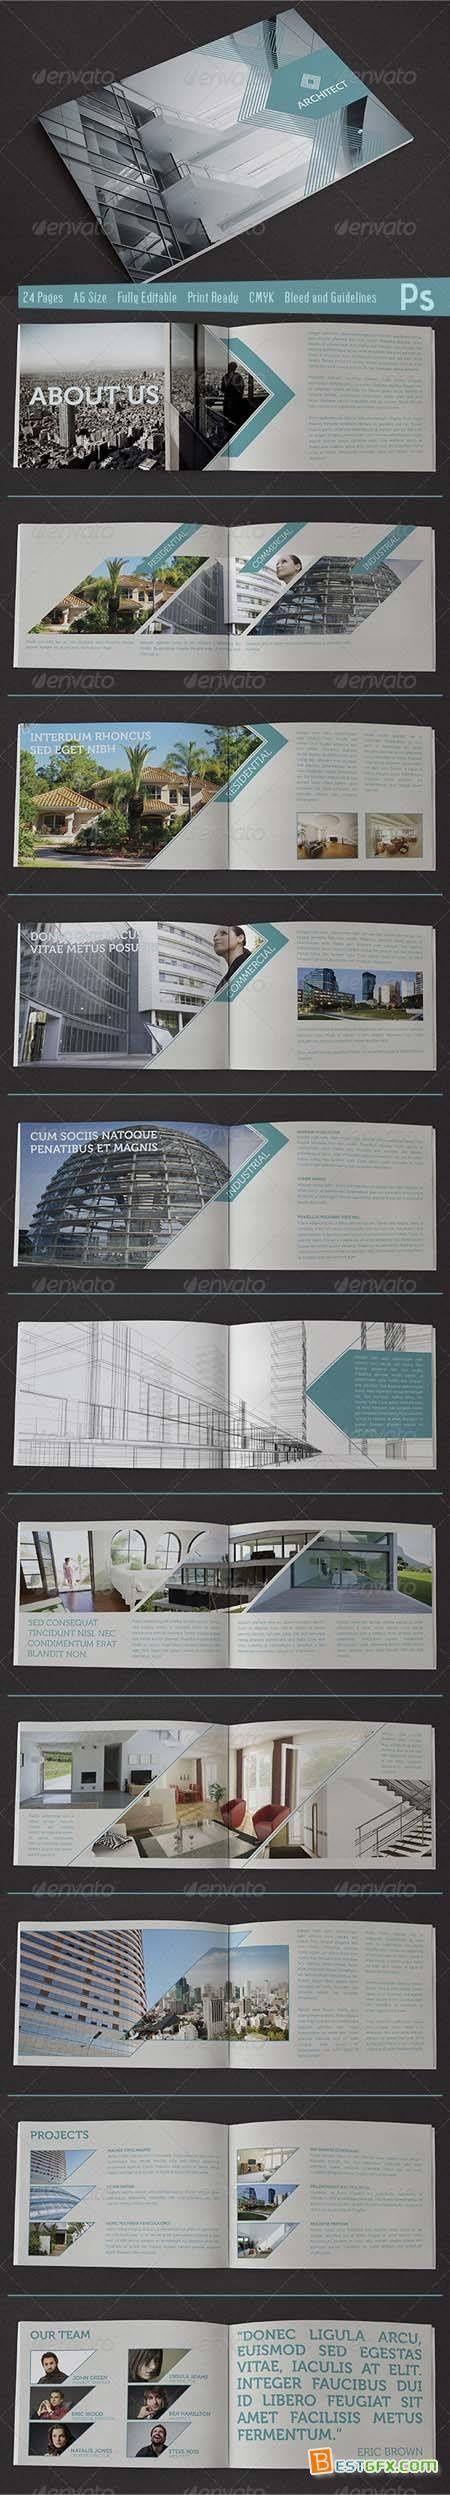 25 Best Brochure Design Templates | 56pixels.com